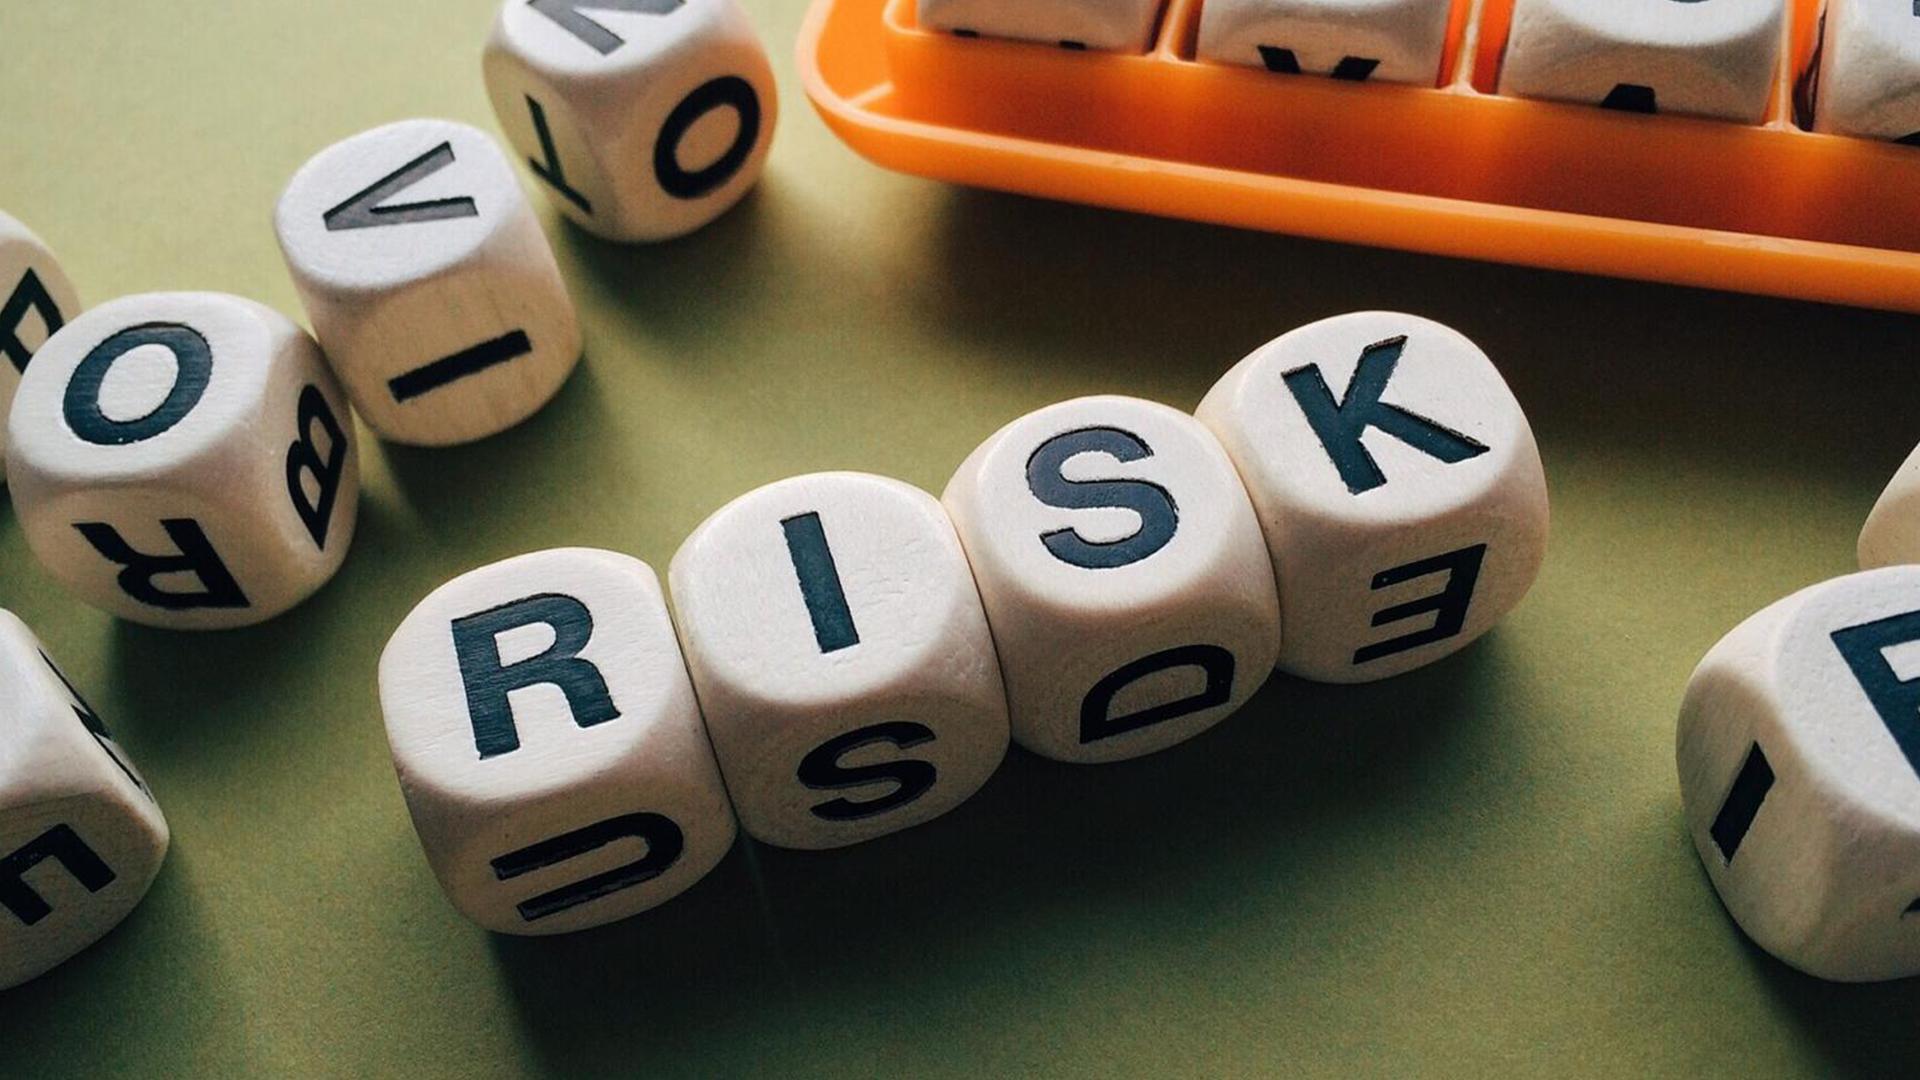 Rủi to đầu tư và lợi nhuận có thực sự tỉ lệ thuận với nhau